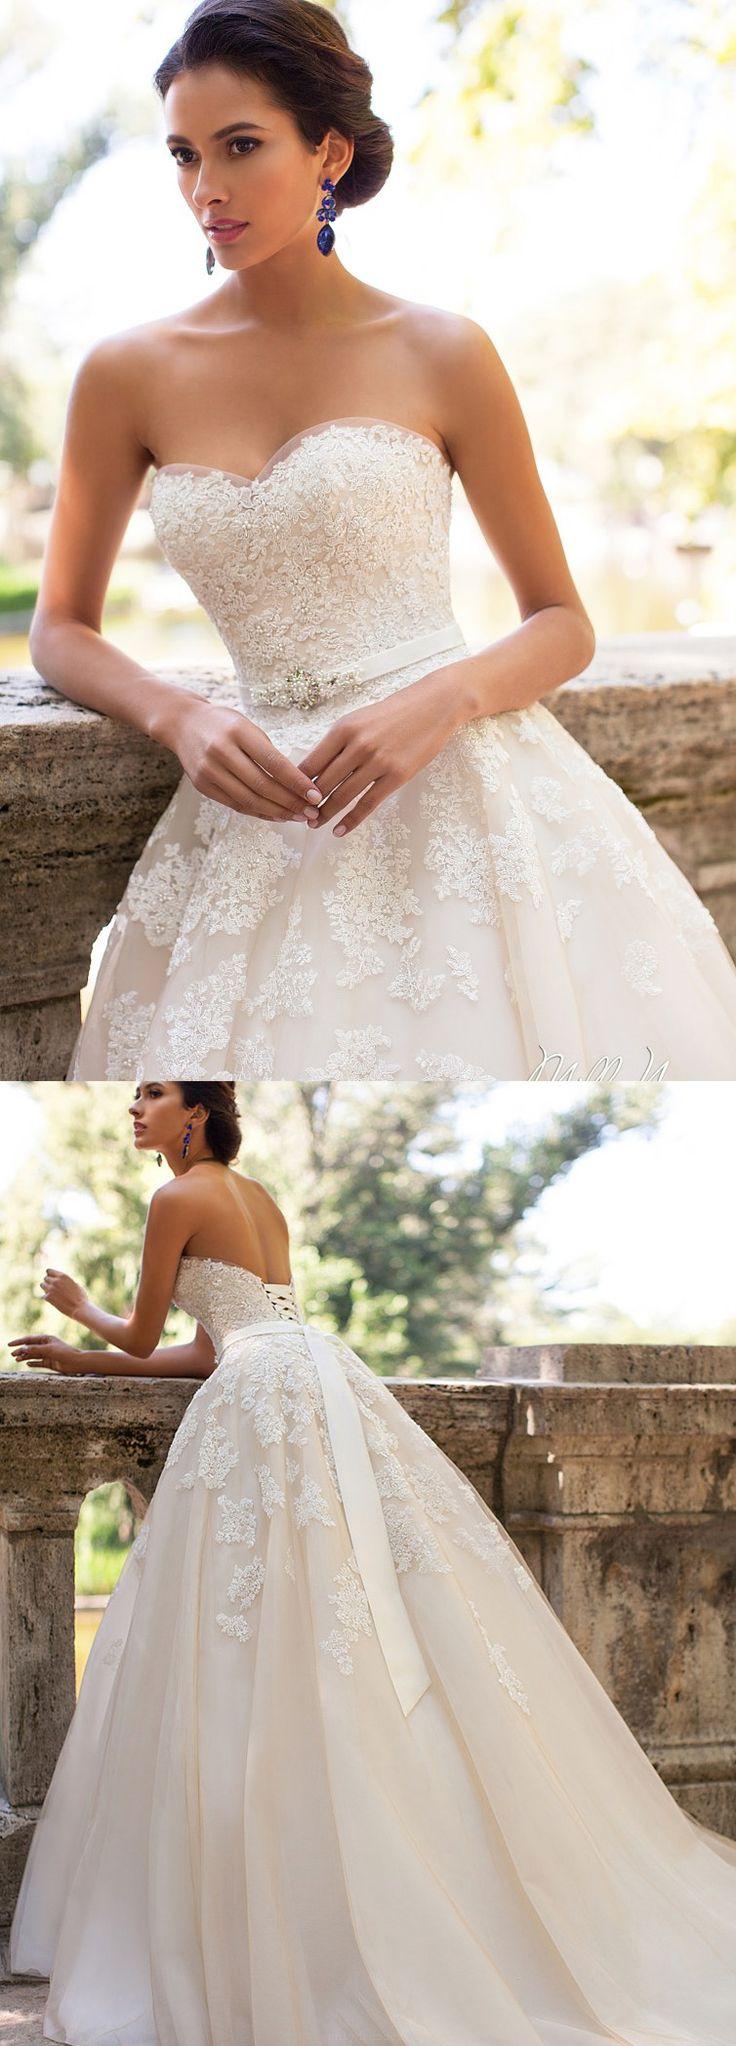 Sweetheart Wedding Dresses, Ivory Wedding Dresses, Organza Wedding dresses, Wedding Dresses 2017, 2017 Wedding Dresses Sweetheart Ivory Appliques Organza